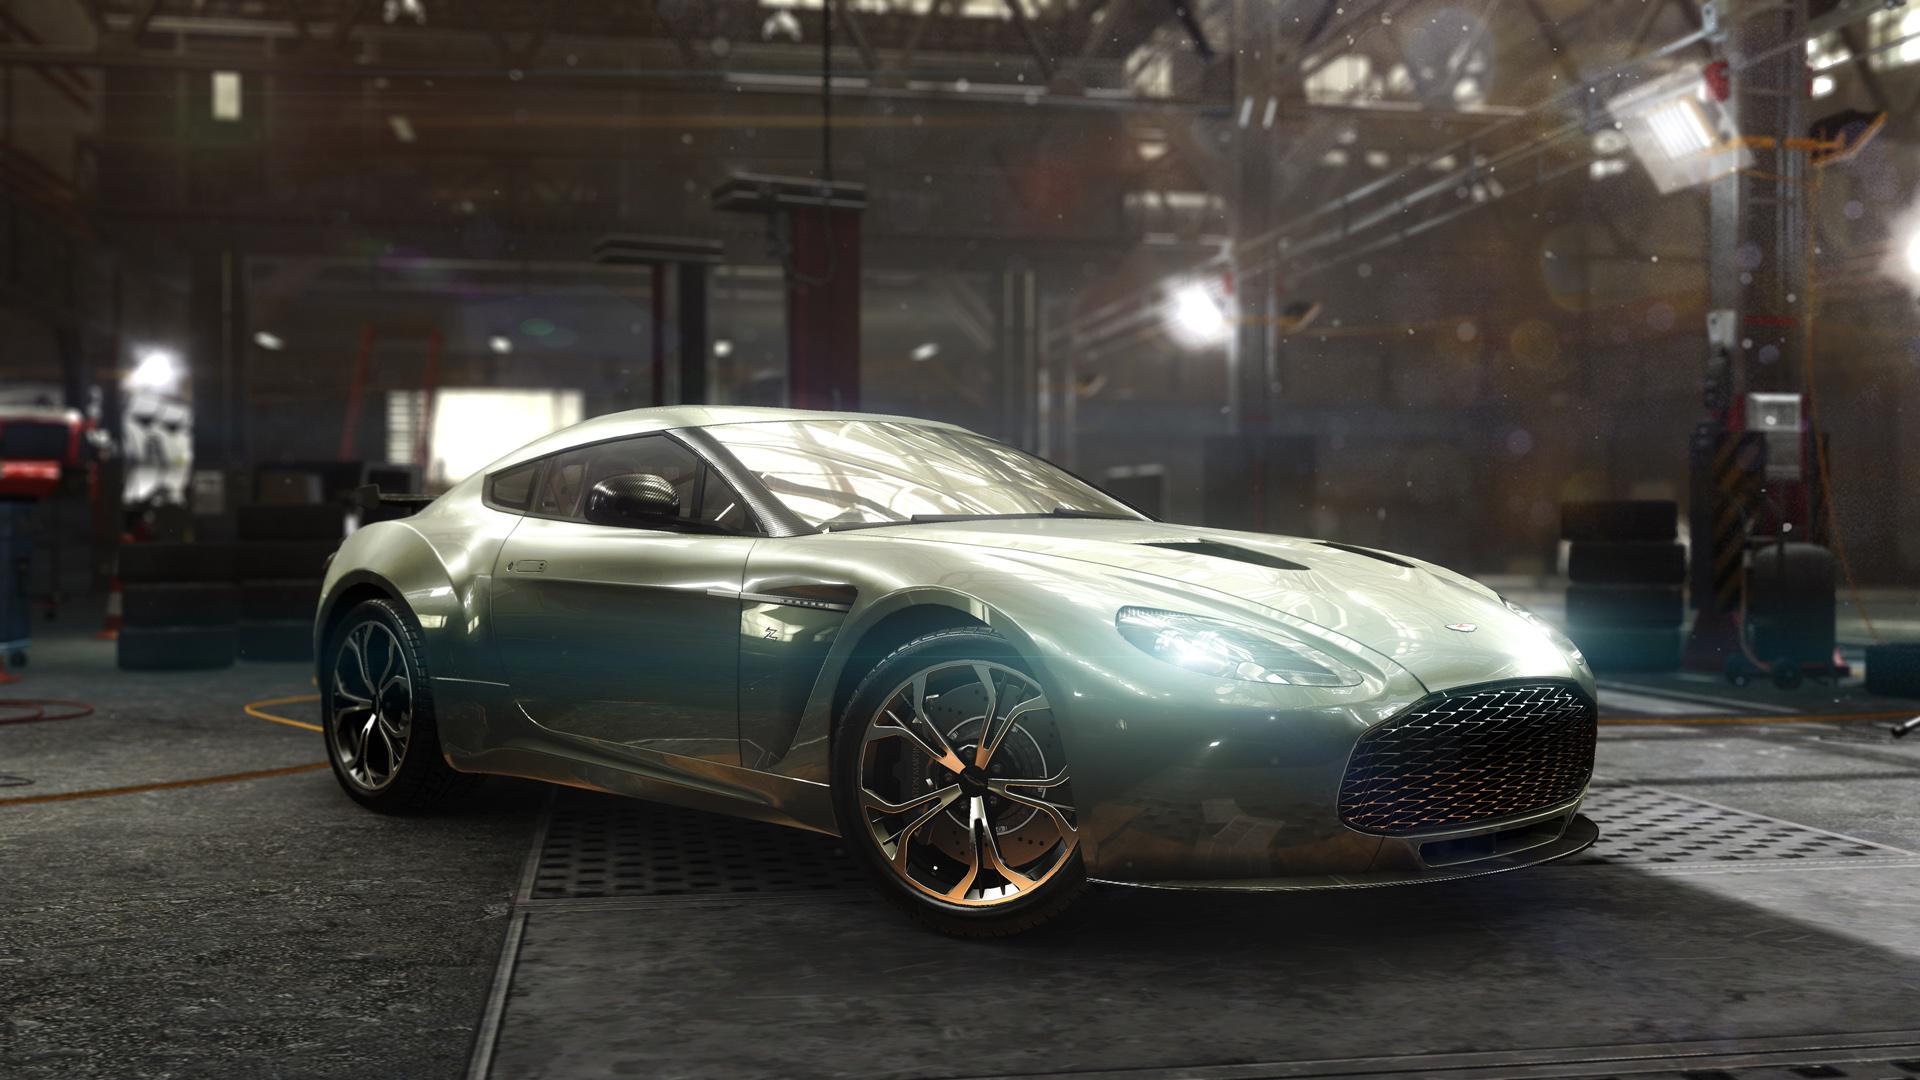 Image ASTON MARTIN V ZAGATO Jpg Ubisofts The Crew Wiki - Aston martin v12 zagato